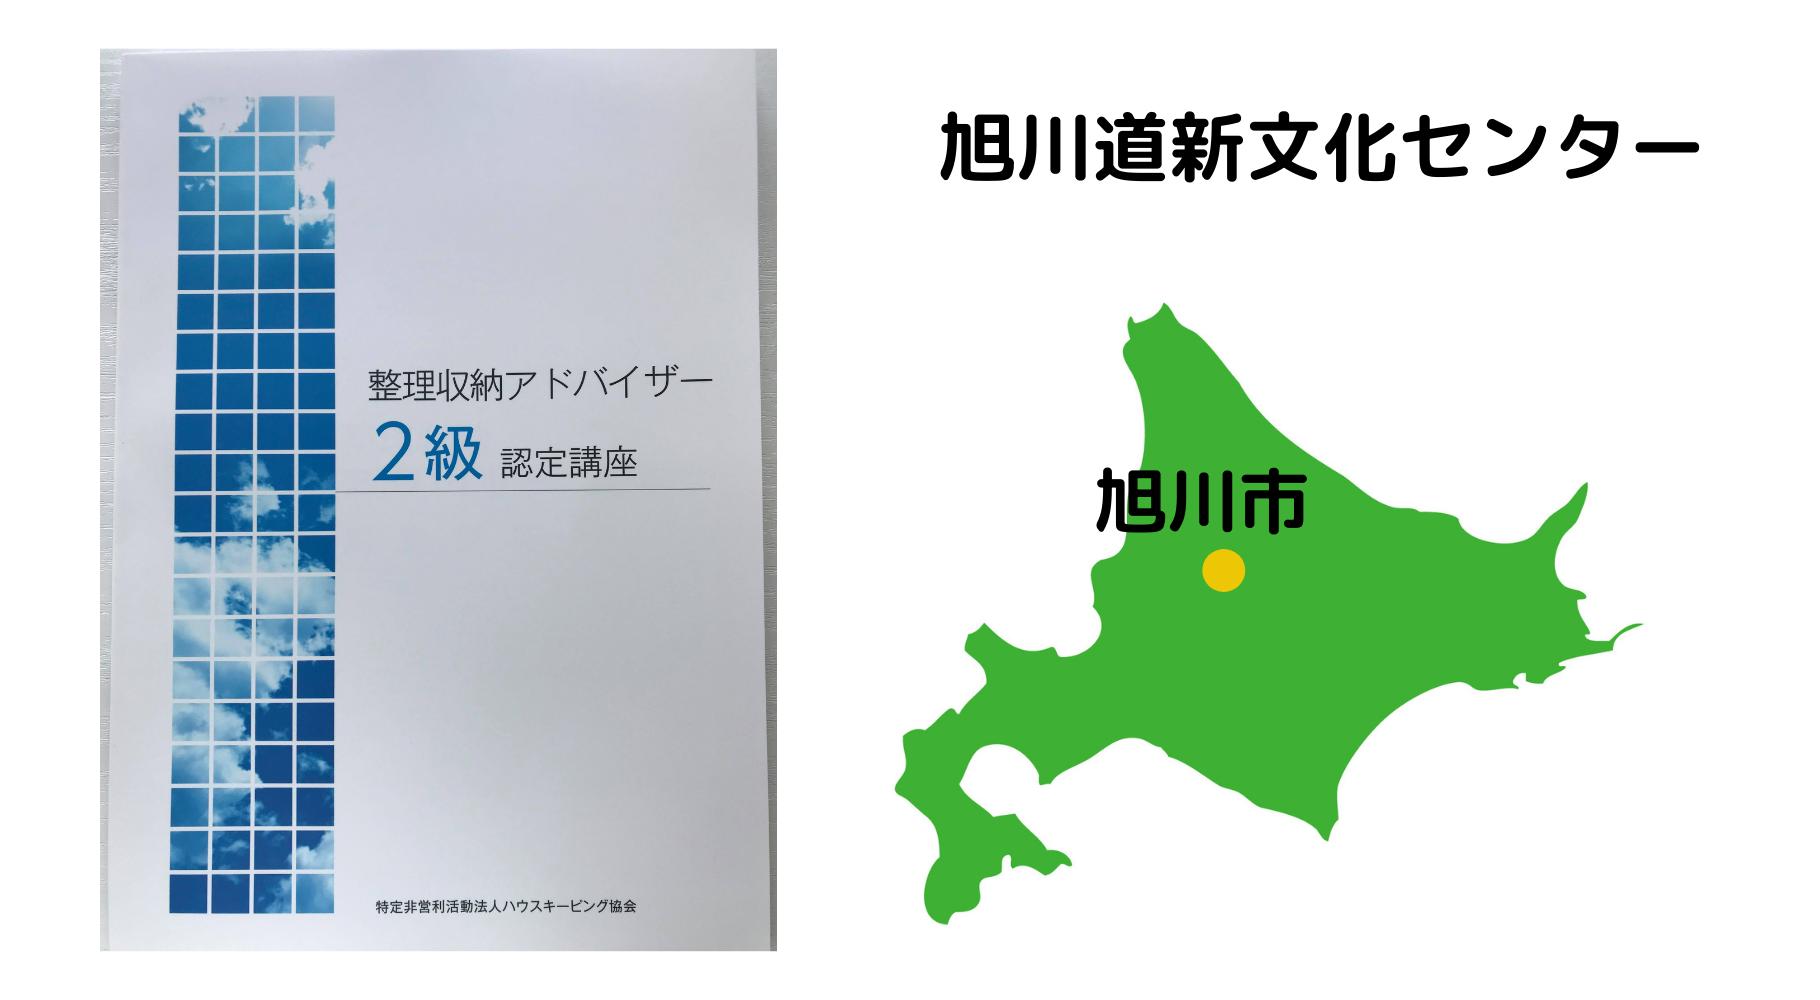 【講座会場案内】旭川道新文化センター